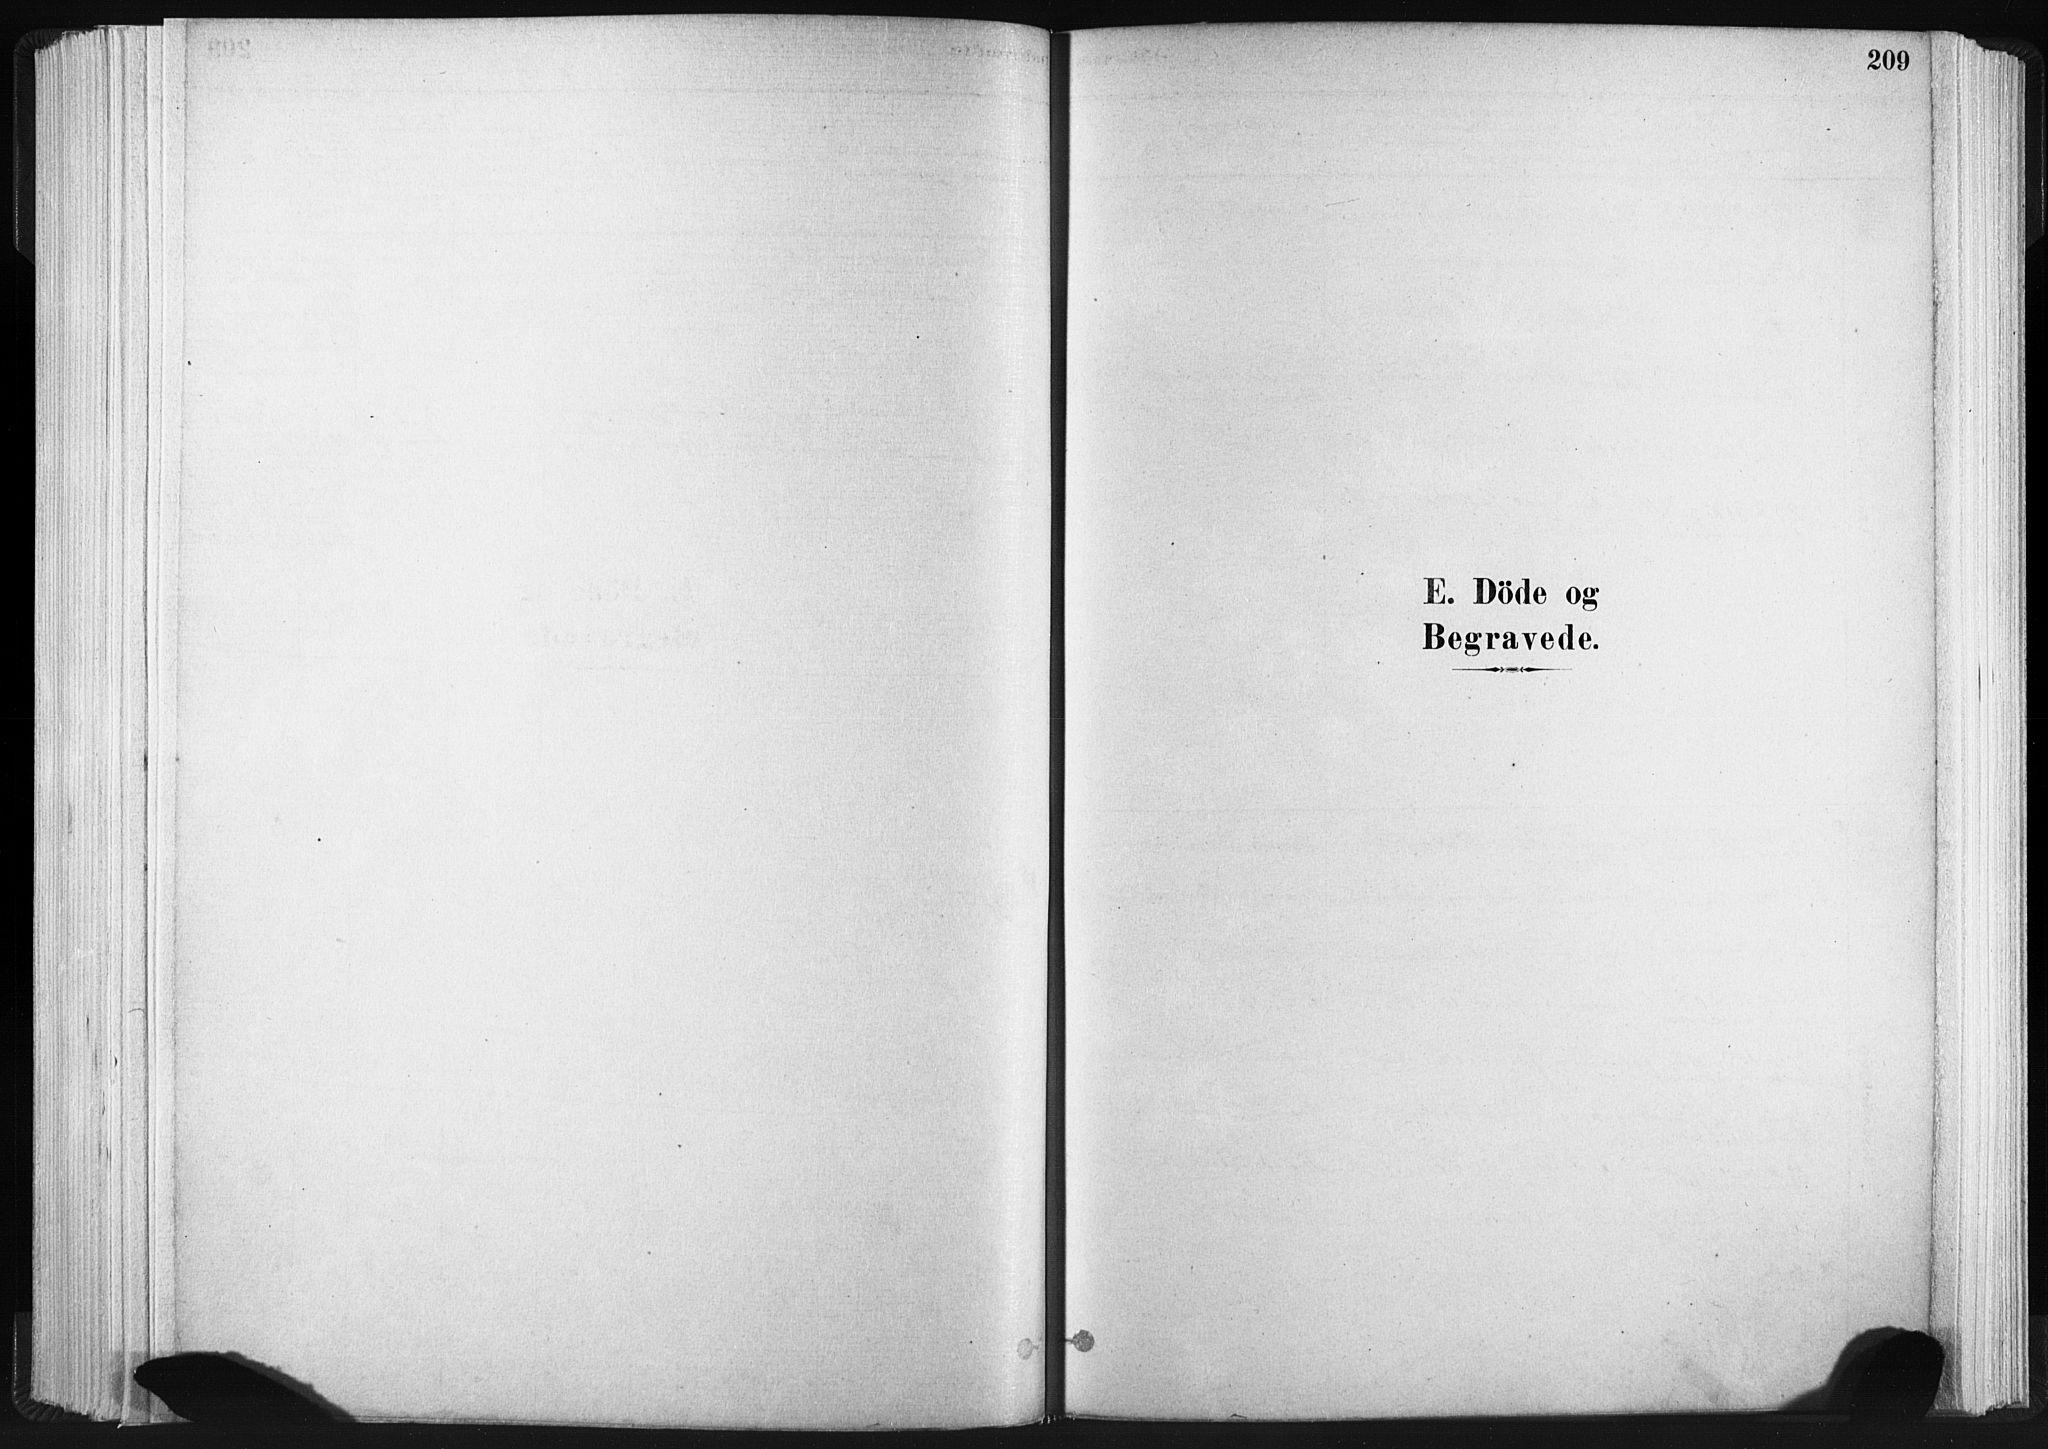 SAT, Ministerialprotokoller, klokkerbøker og fødselsregistre - Sør-Trøndelag, 665/L0773: Ministerialbok nr. 665A08, 1879-1905, s. 209